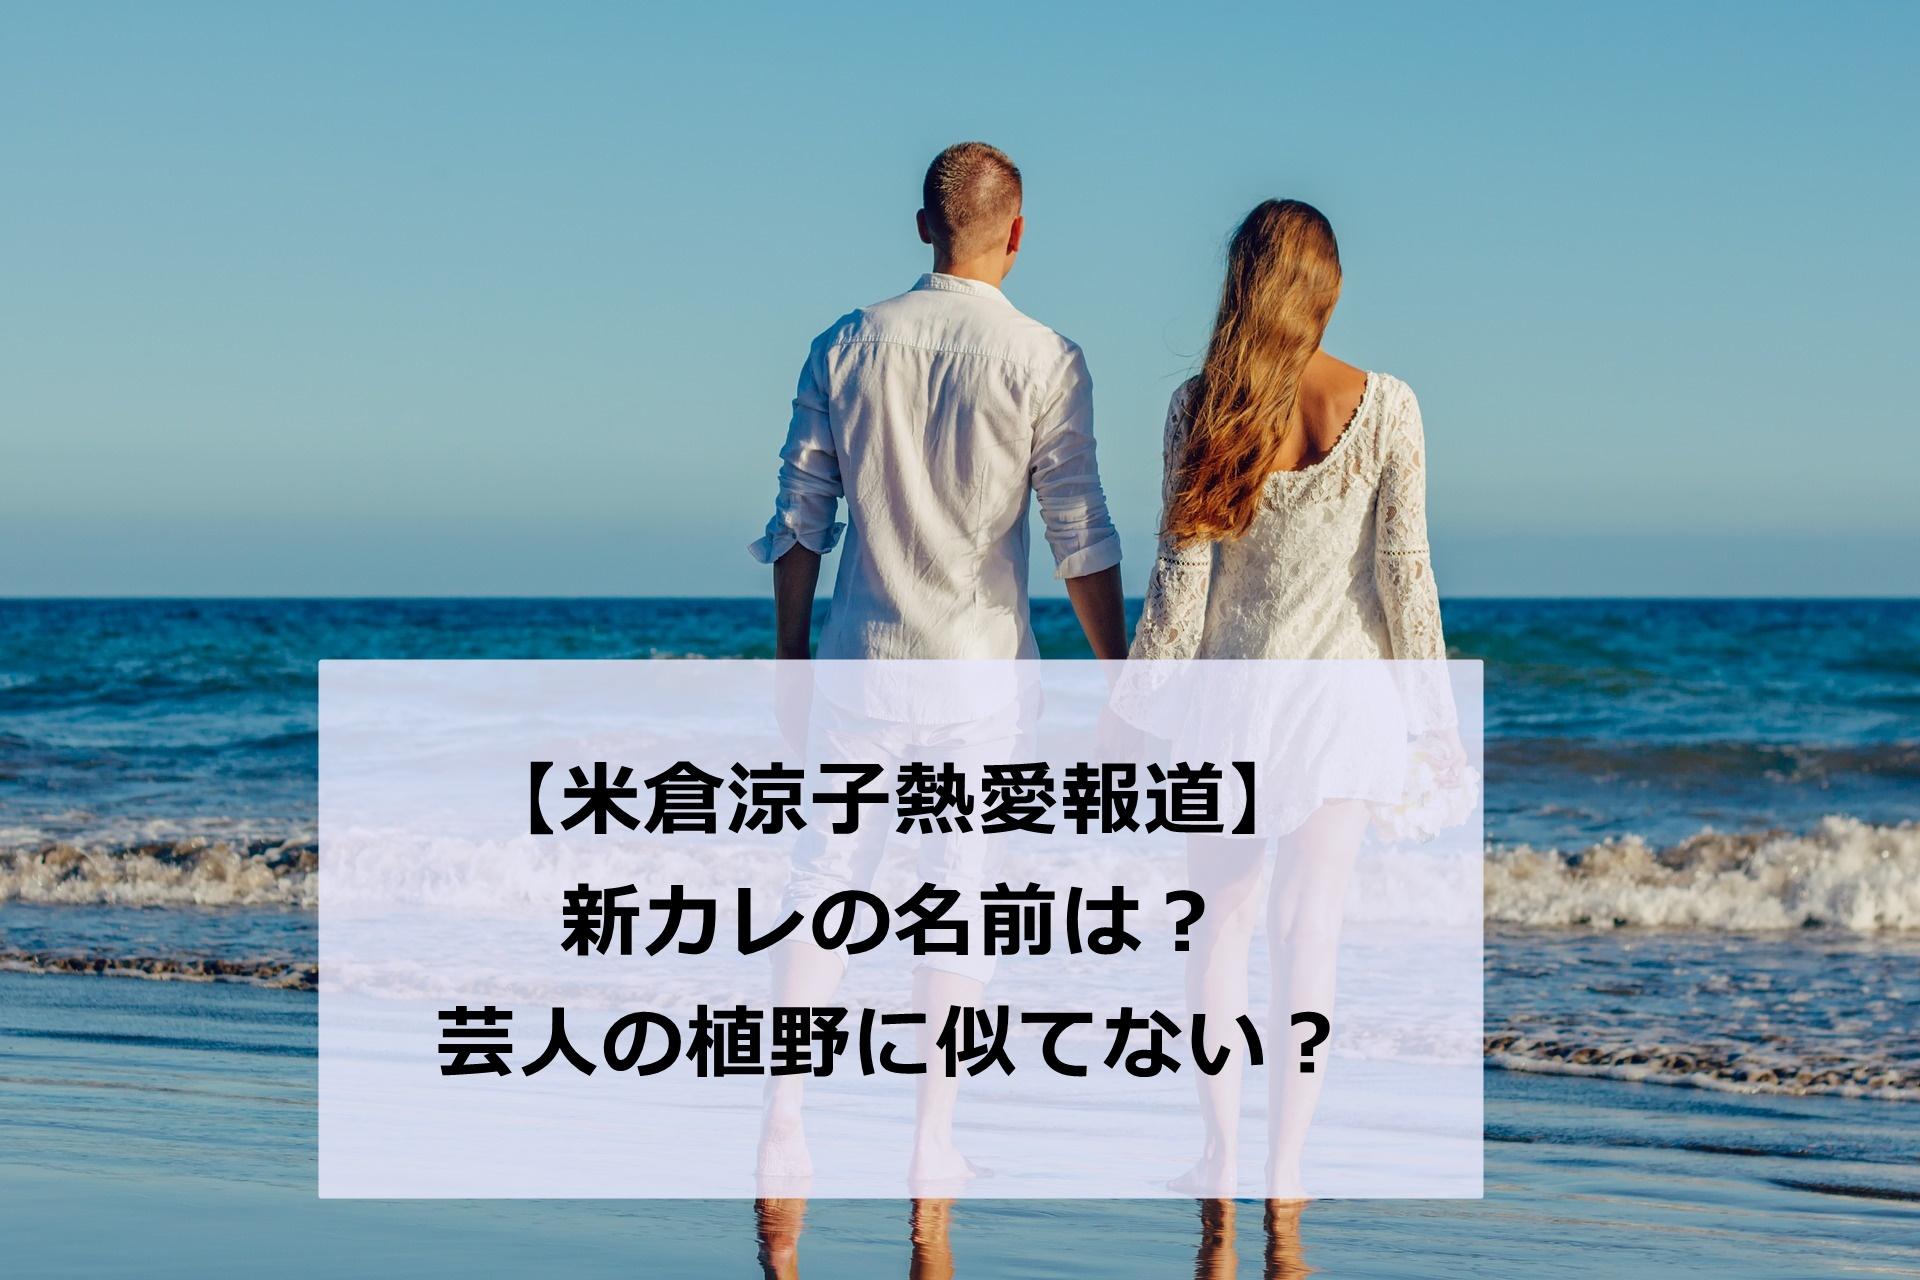 米倉涼子の新カレアルゼンチンダンサーは誰?芸人デニス植野に似てる⁈